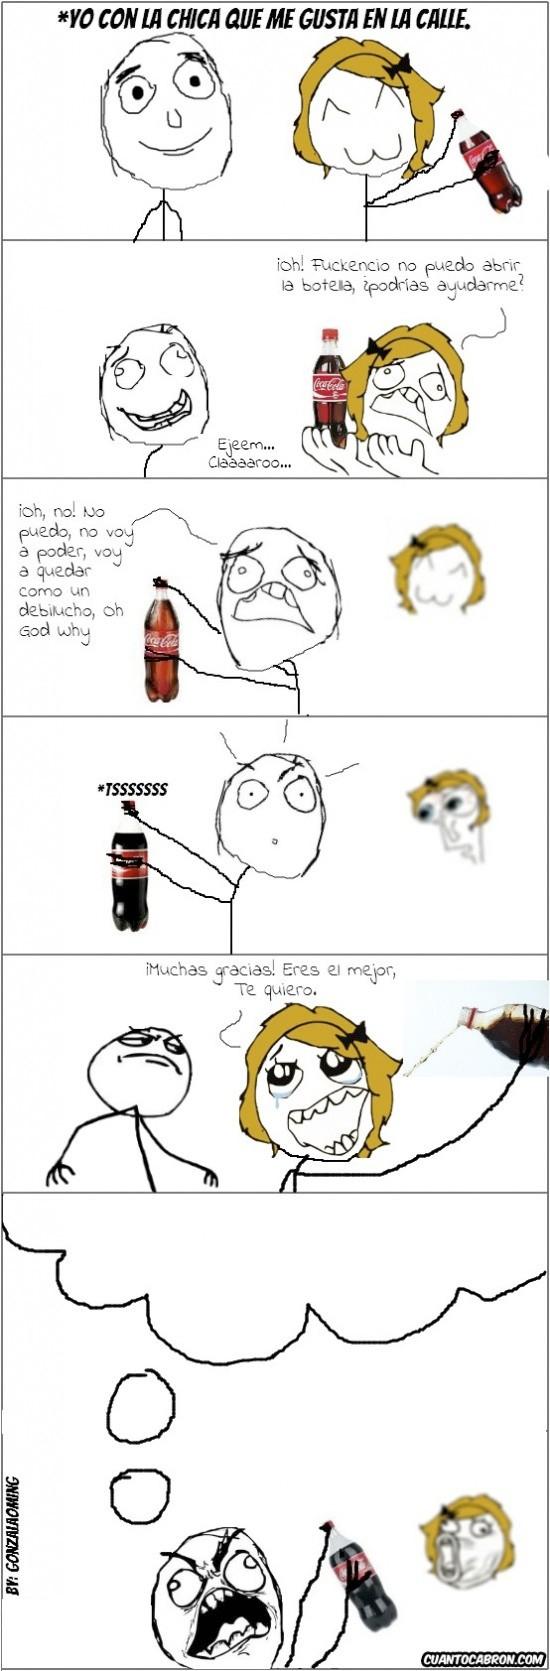 Ffffuuuuuuuuuu - Fuckencio V.S. Coca Cola